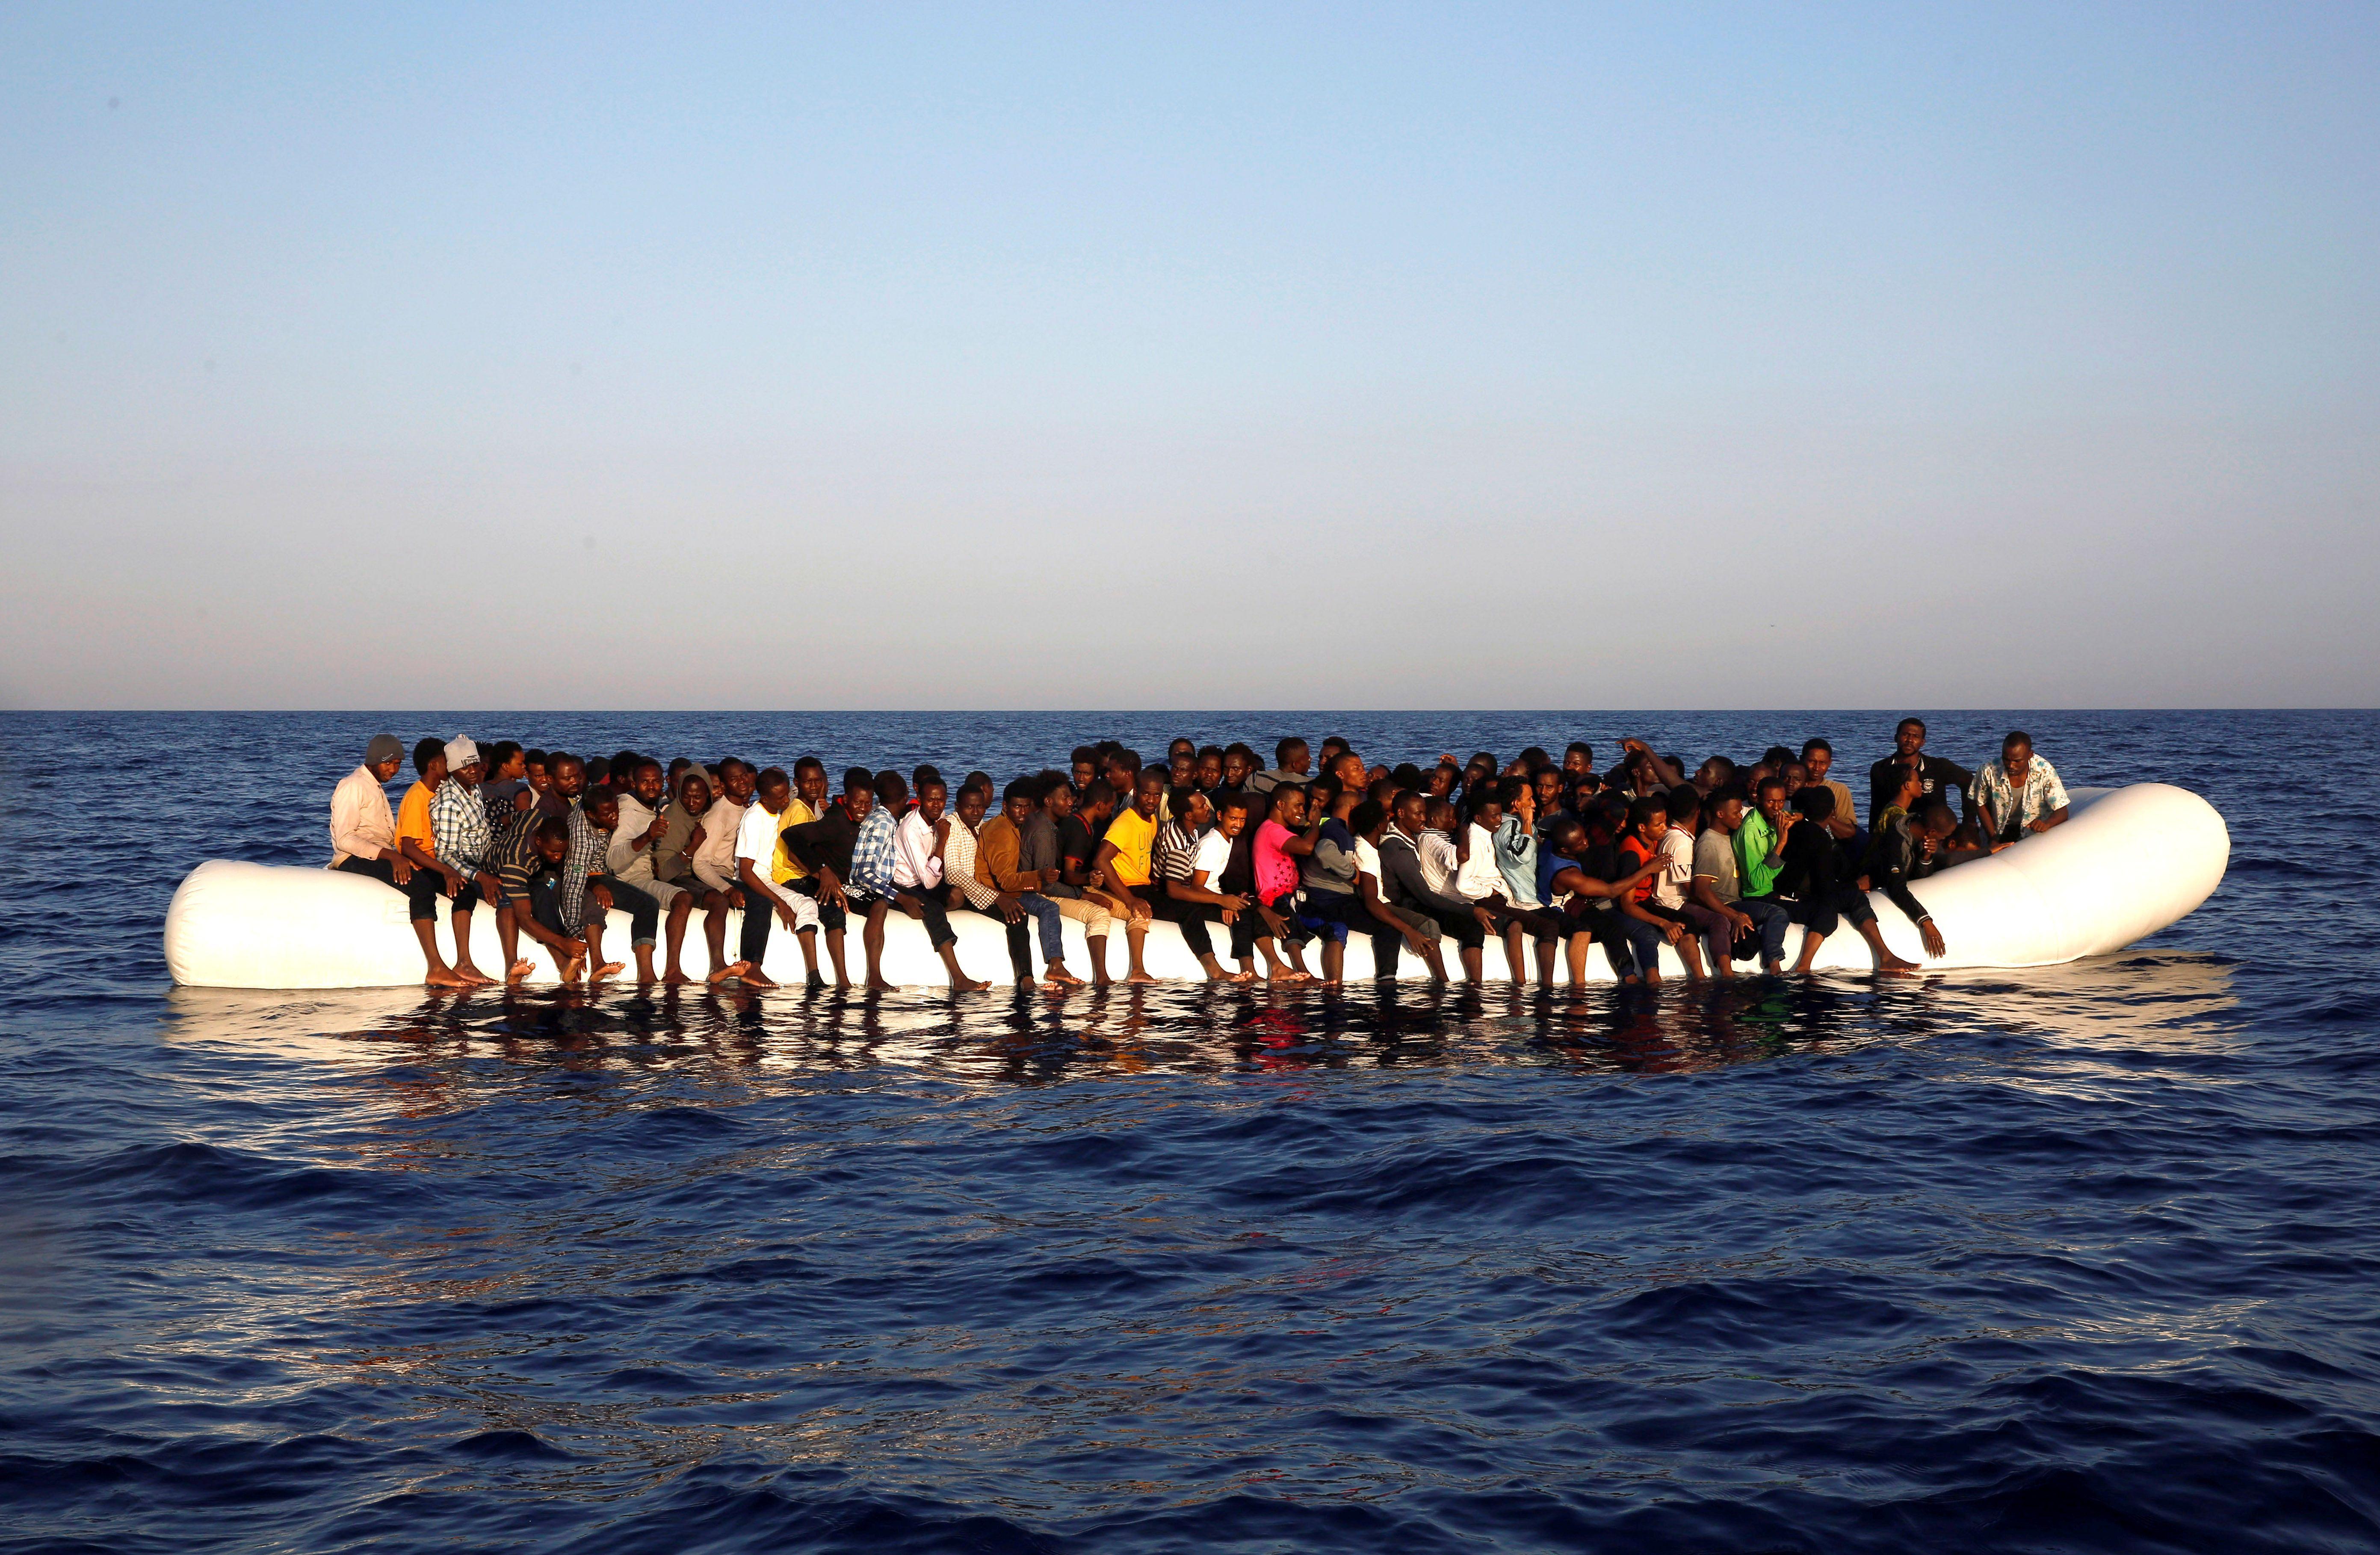 Du Maroc à l'Europe : cette nouvelle tendance migratoire révélée par les derniers chiffres de l'agence Frontex